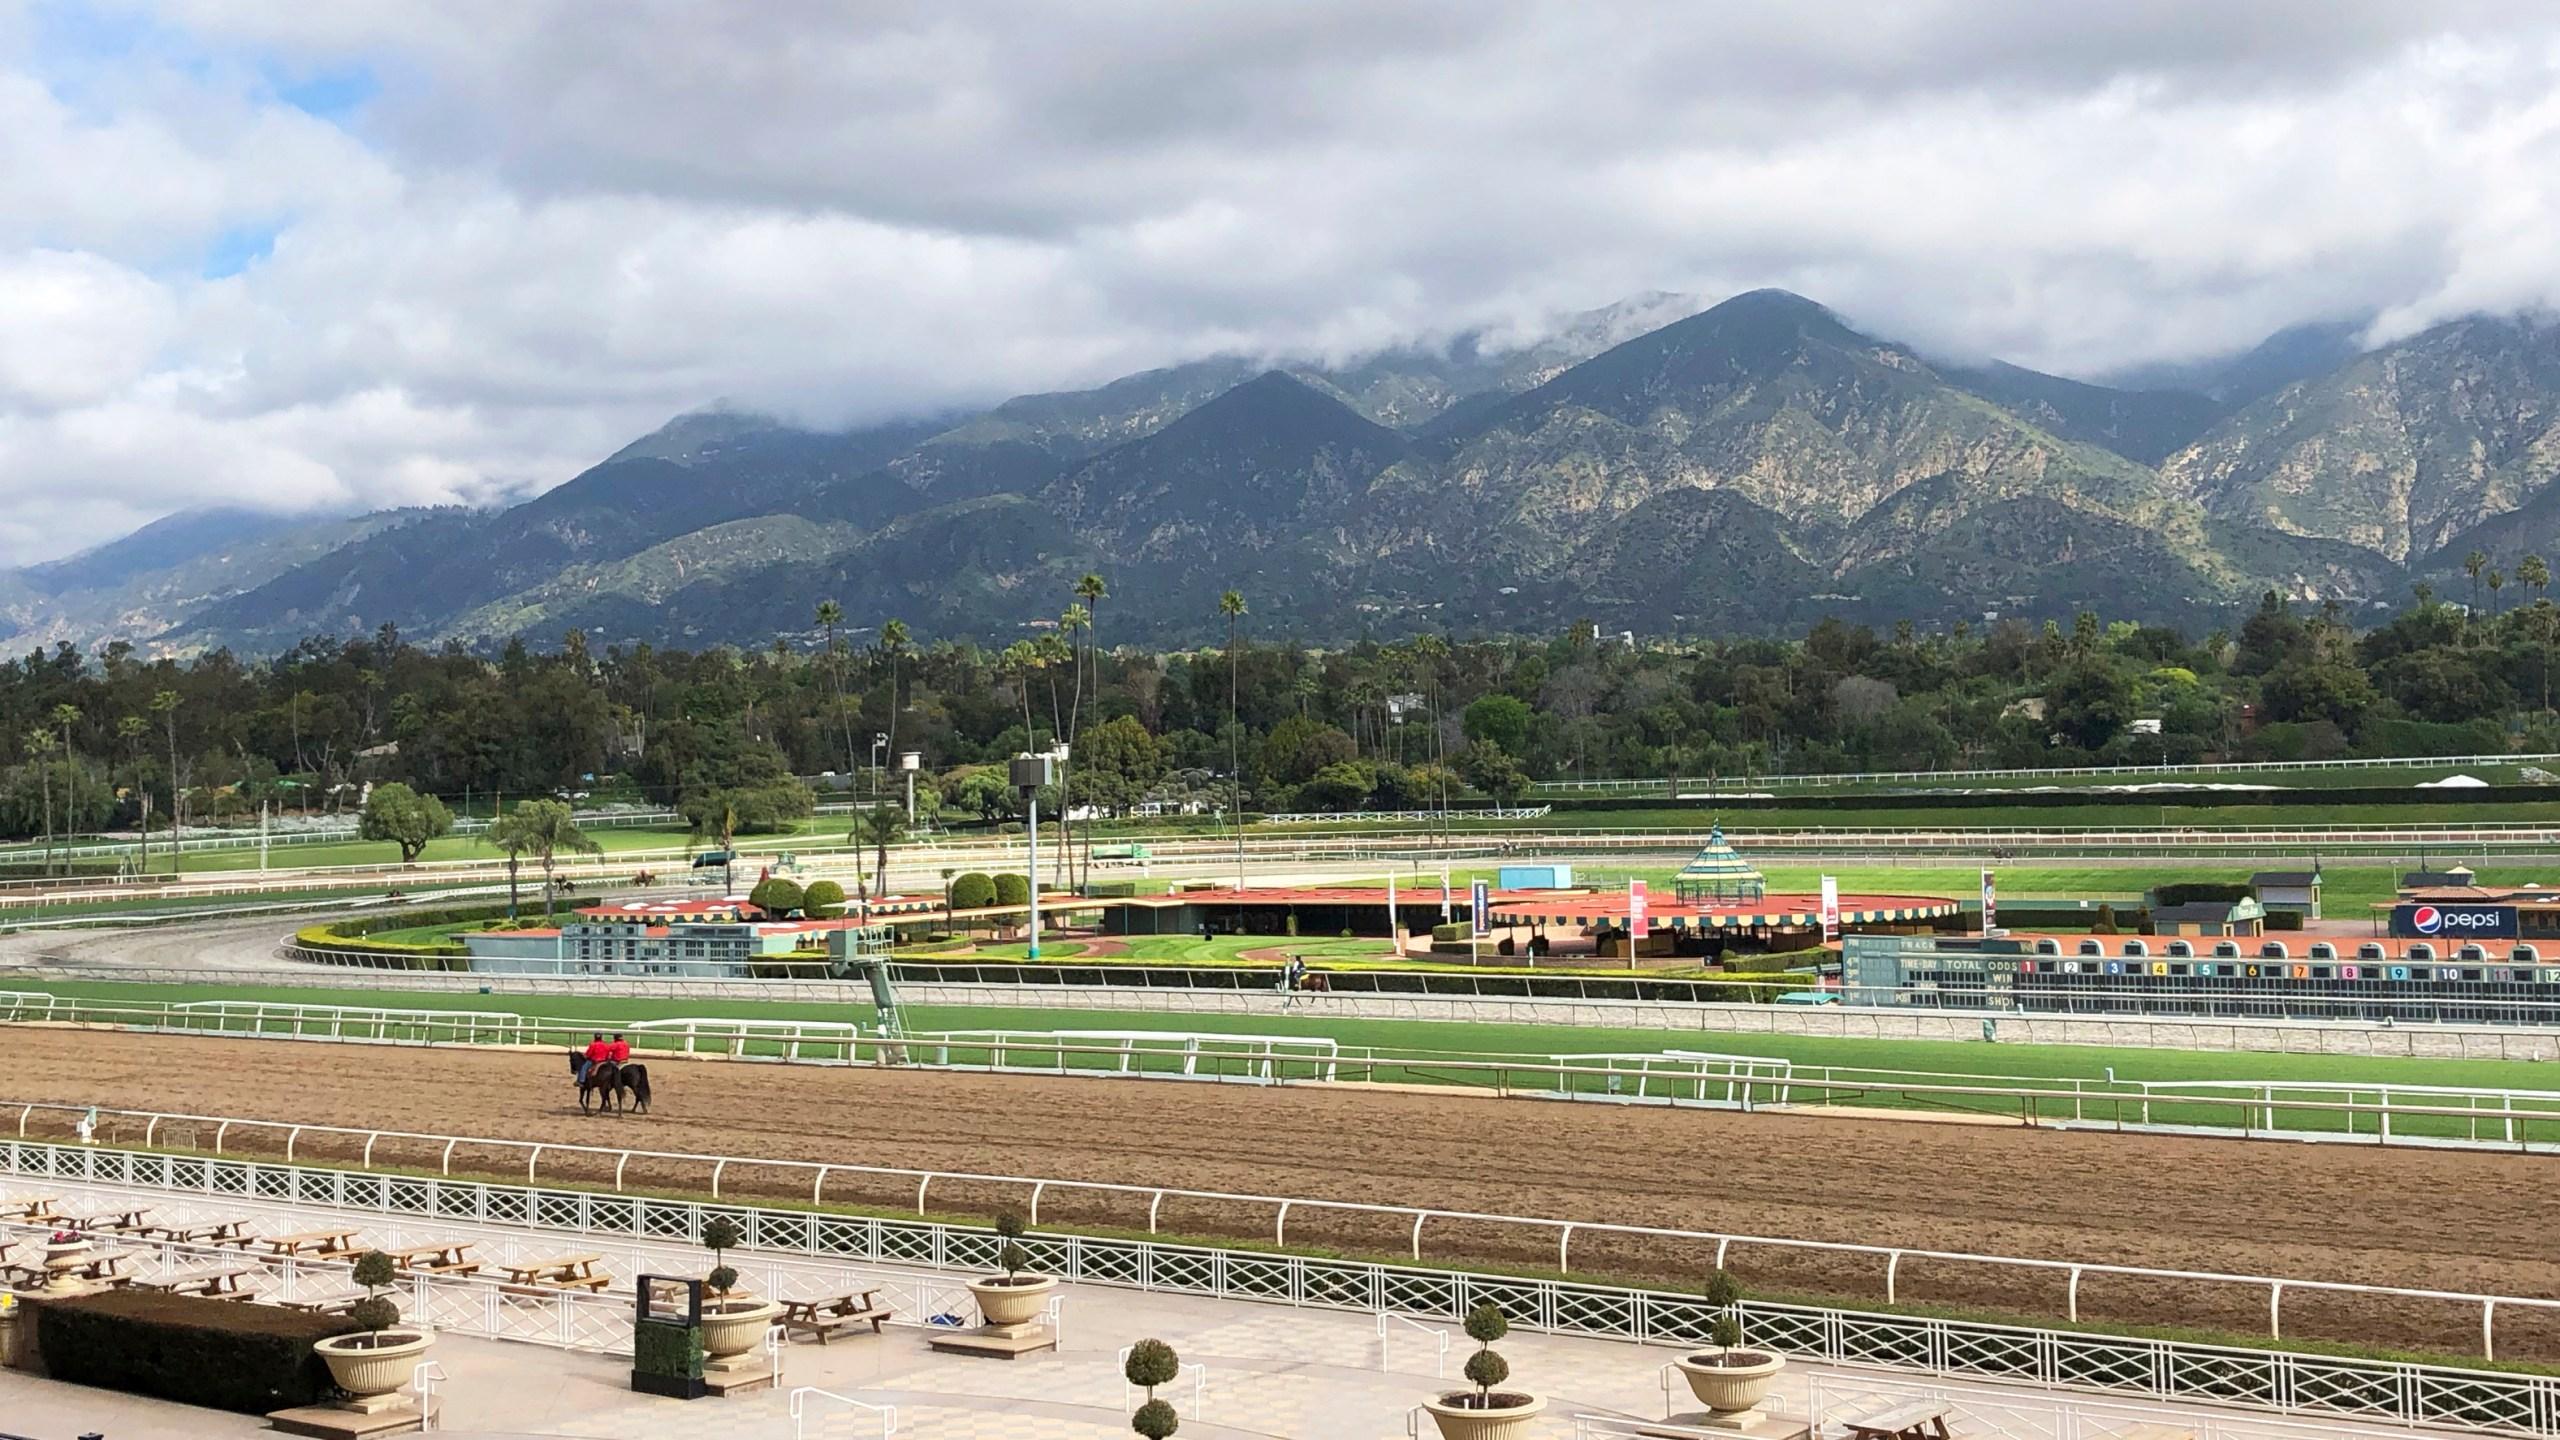 Santa_Anita_Fatalities_Horse_racing_59721-159532.jpg51943422